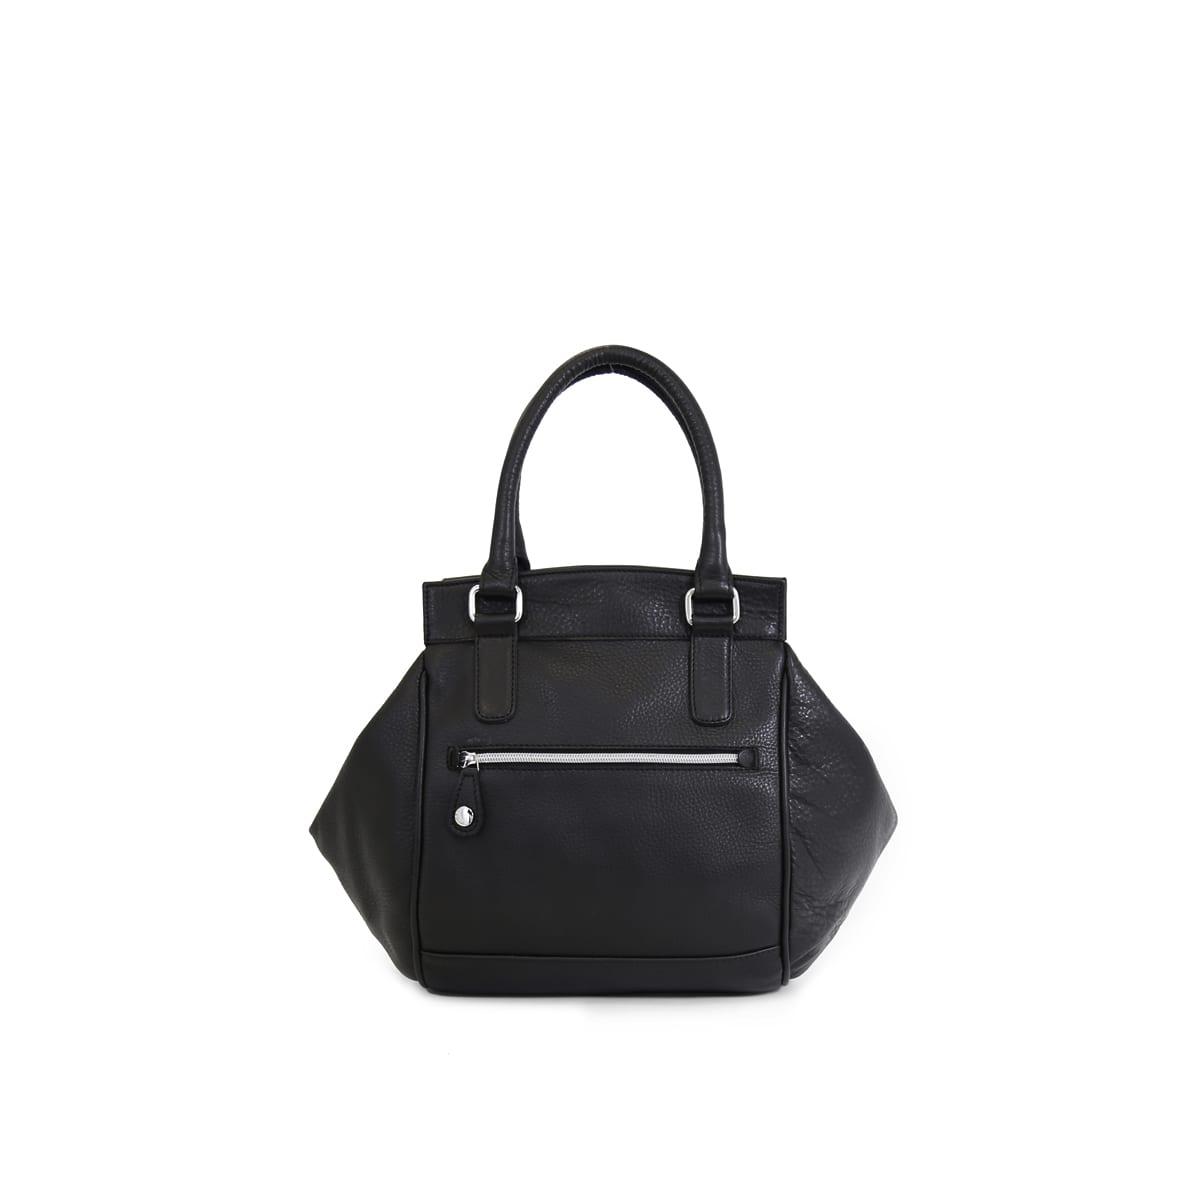 LUMI Lena Hobo Bag in black